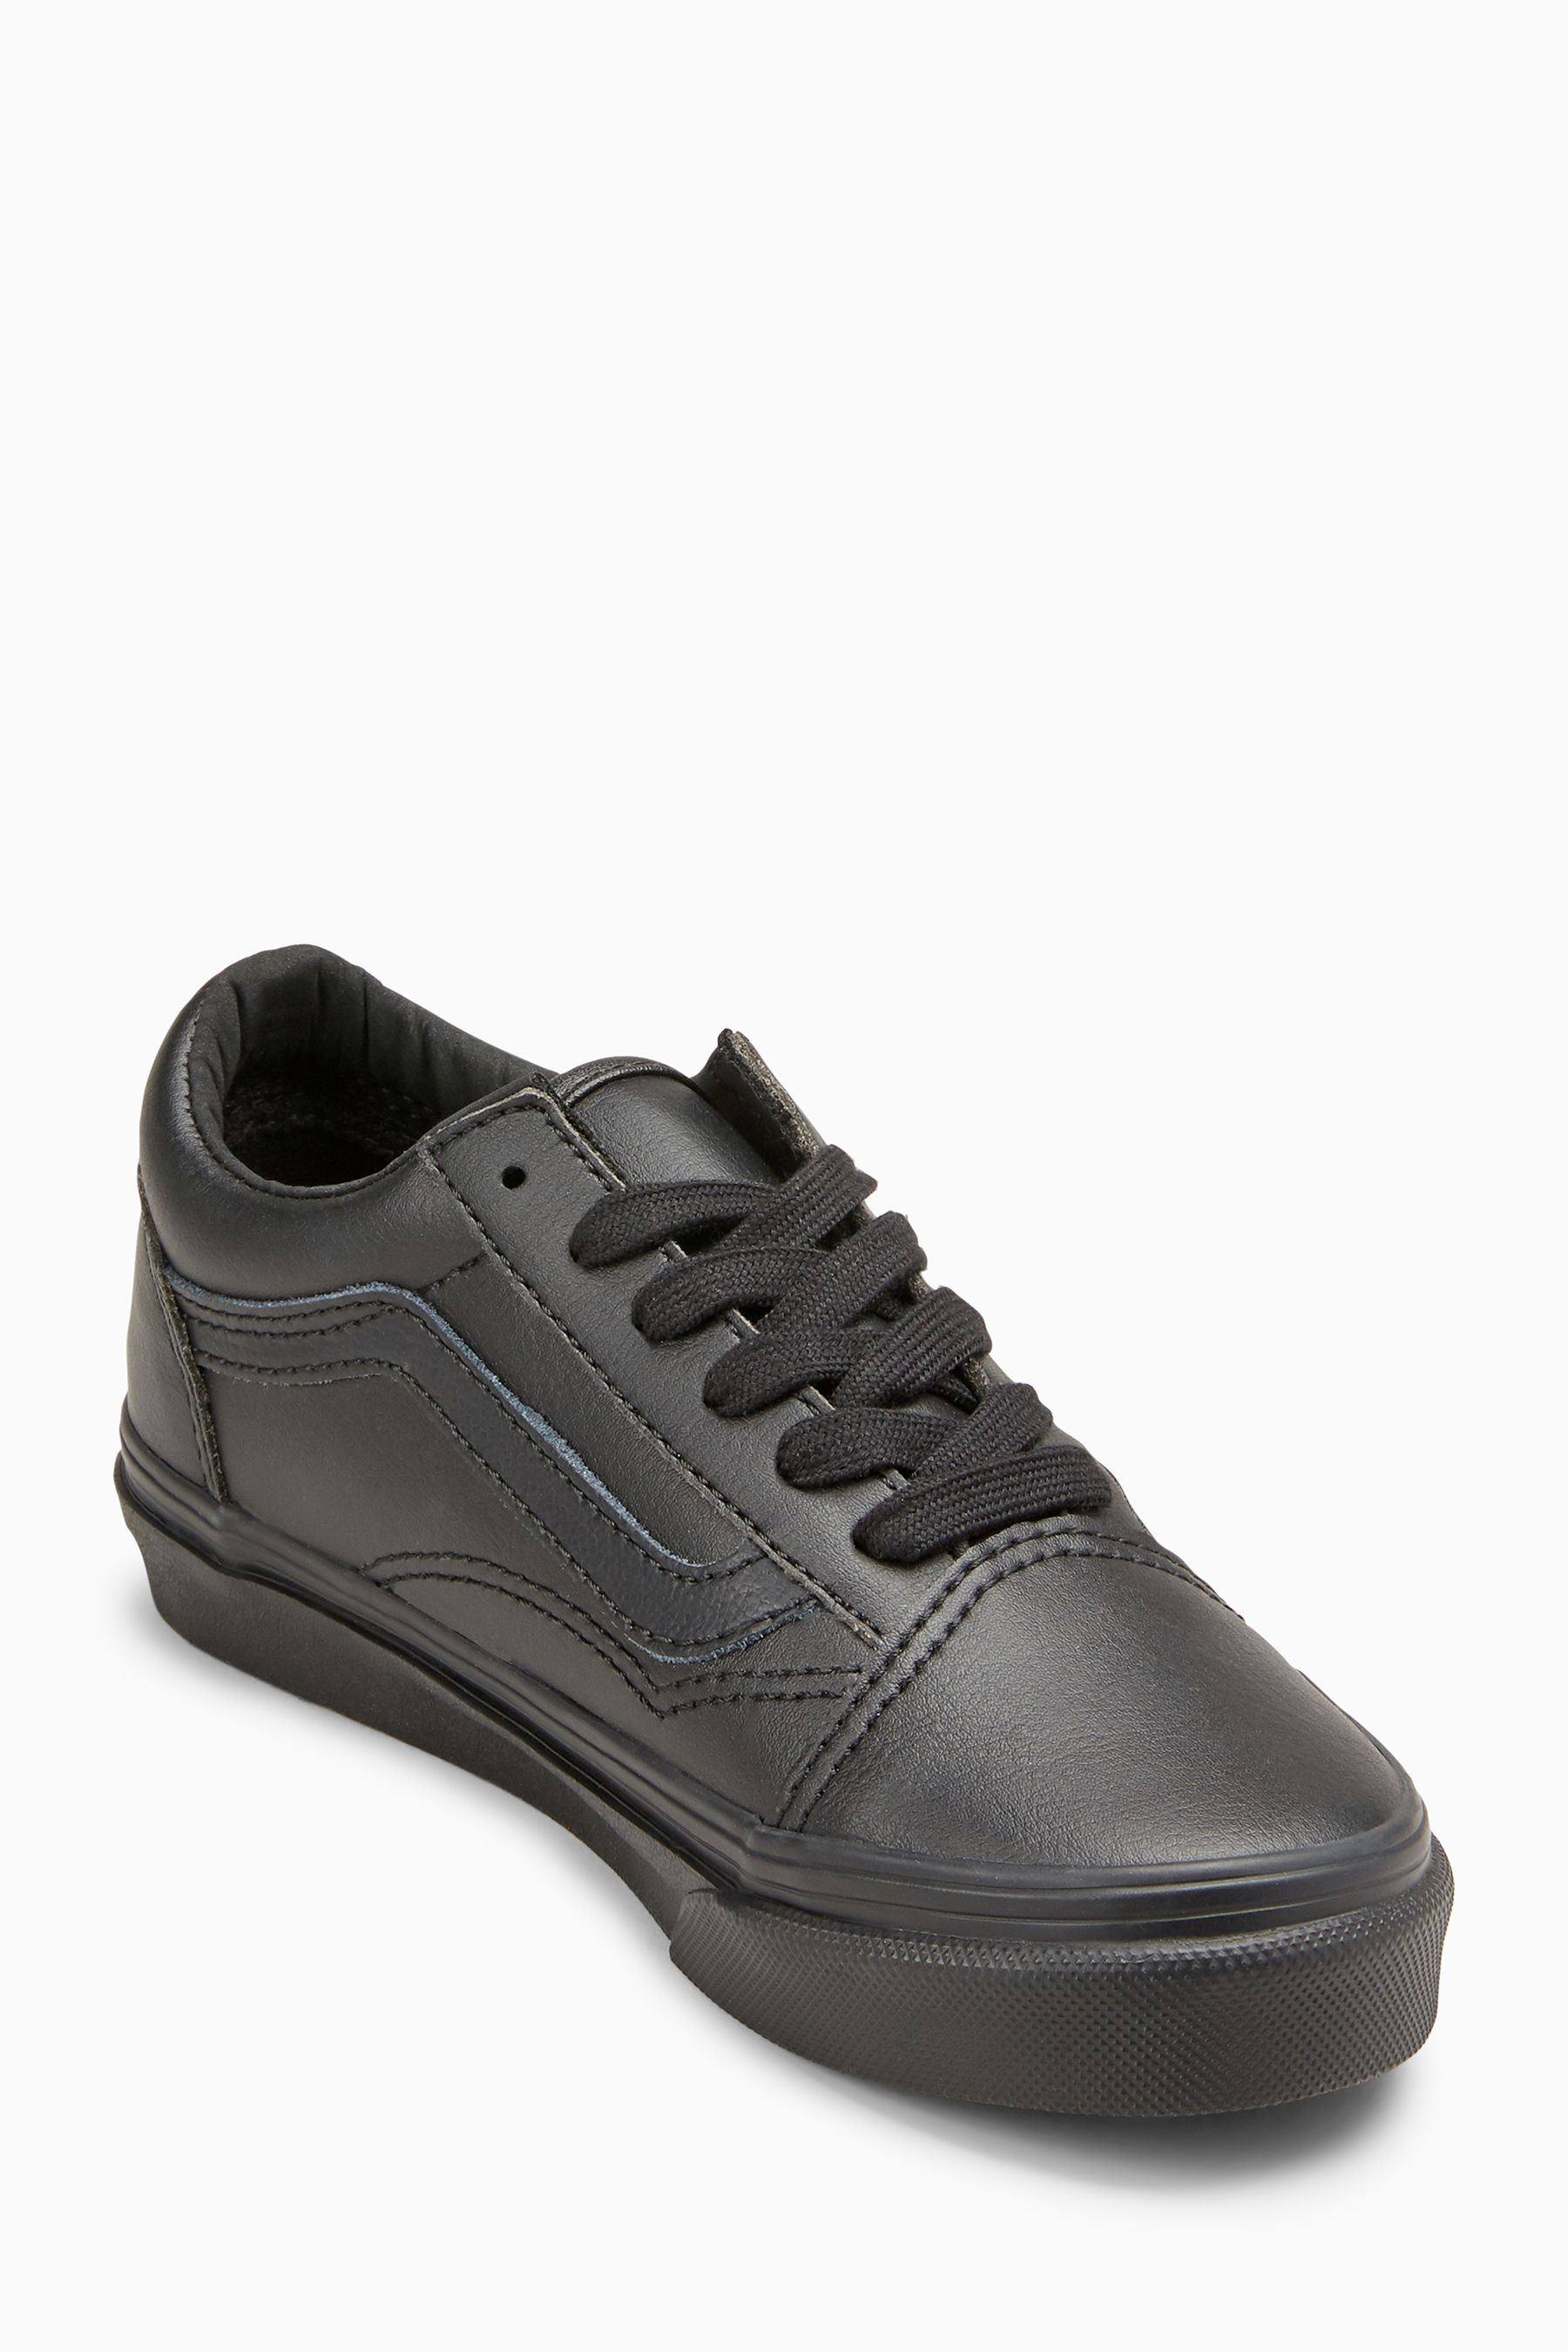 Boys Vans Black Leather Old Skool